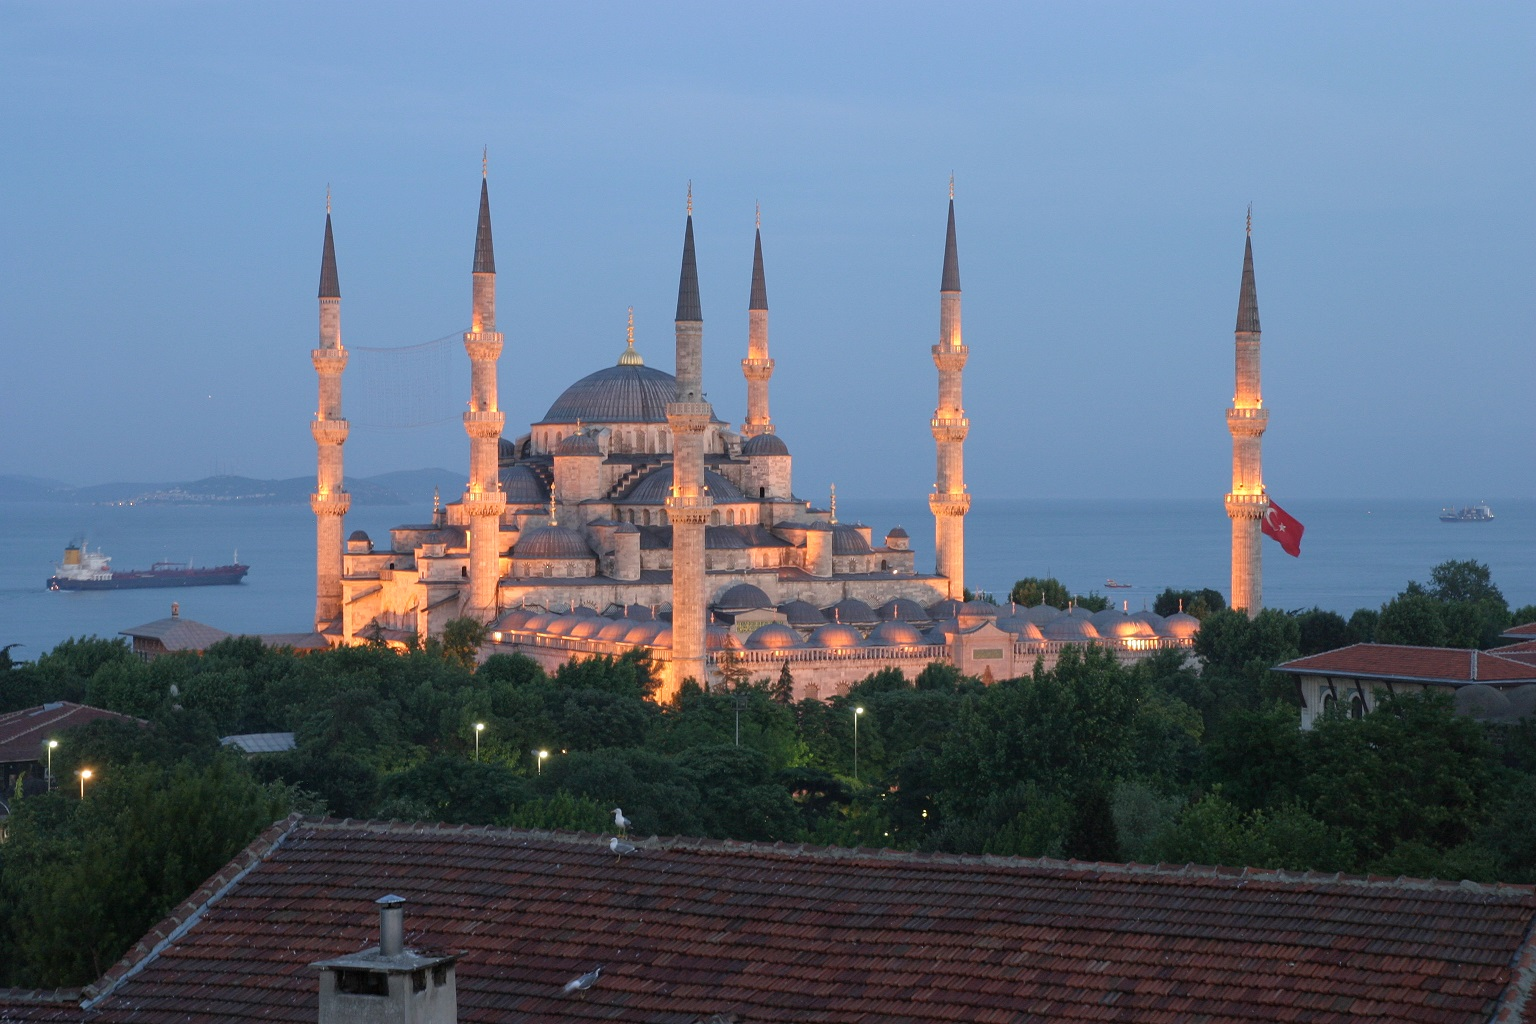 Yli 96 prosenttia turkkilaisista pitää itseään muslimina. USA 4-2012